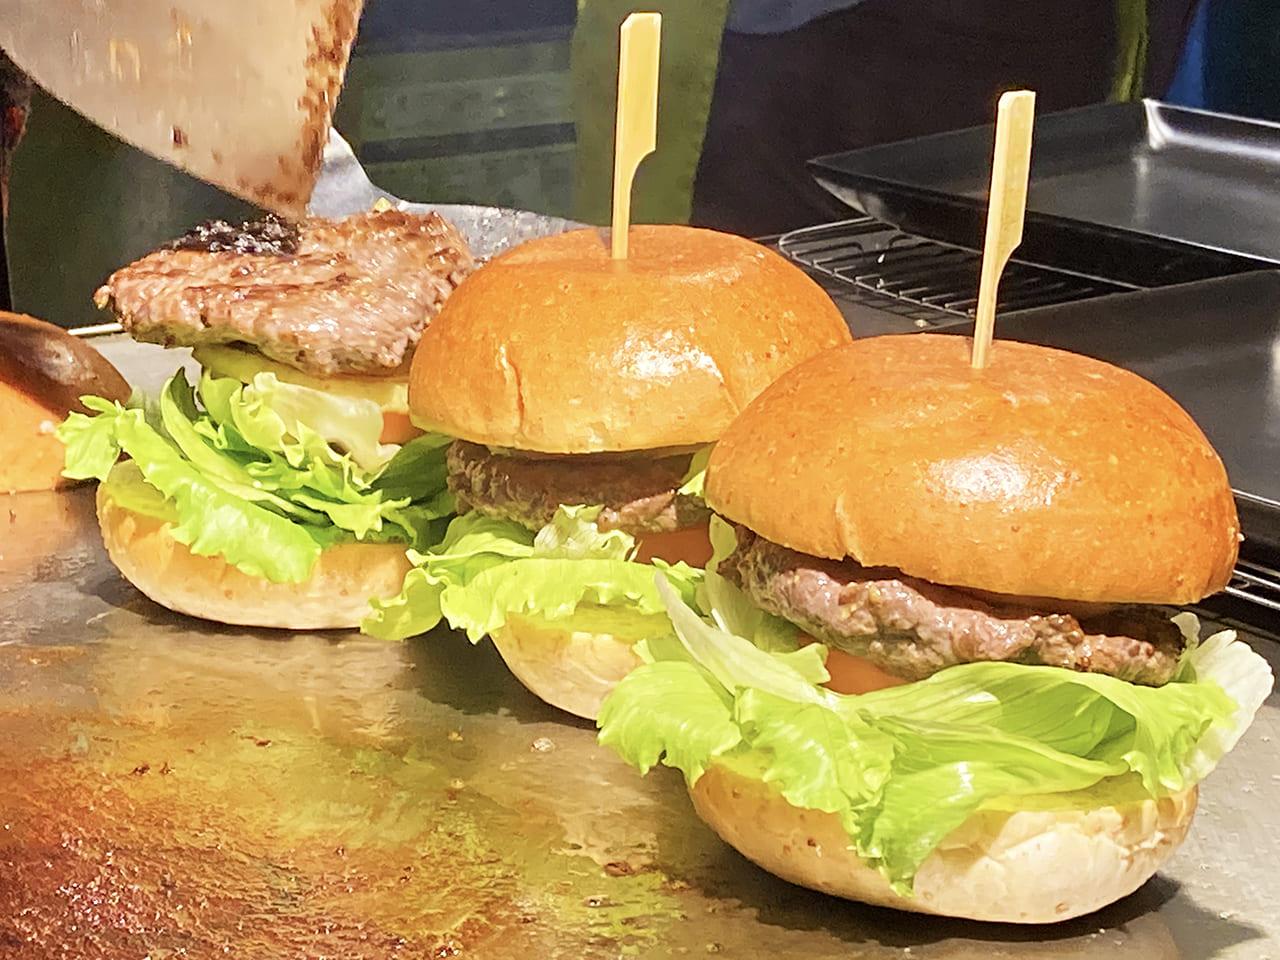 鉄板焼屋さんが作る鉄板バーガー?!聖蹟桜ケ丘『ぼんのてい』のクラフトバーガーがウマい!